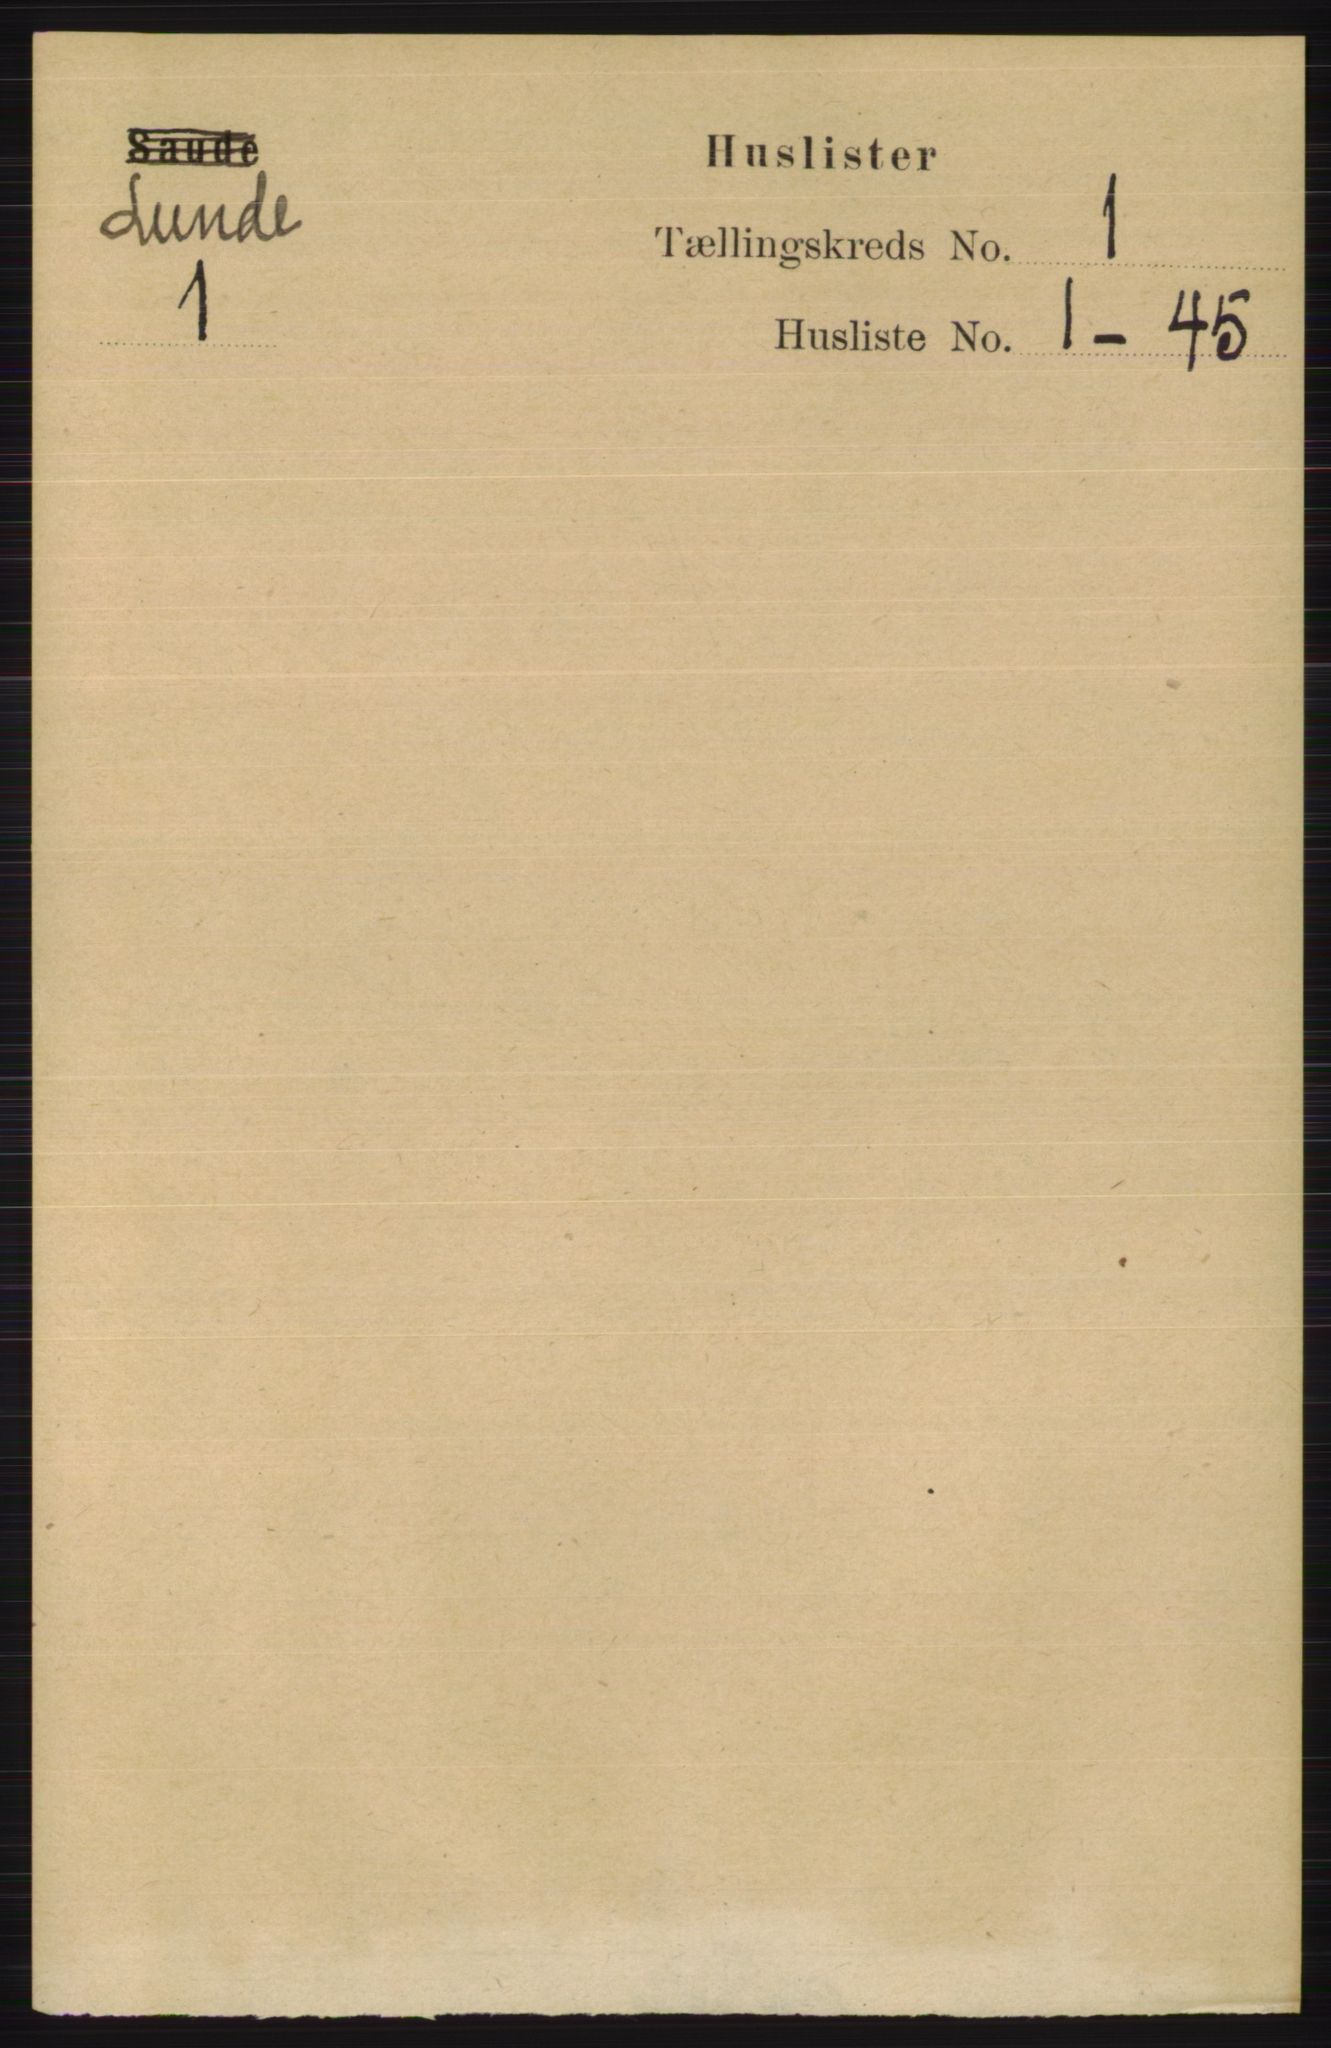 RA, Folketelling 1891 for 0820 Lunde herred, 1891, s. 26